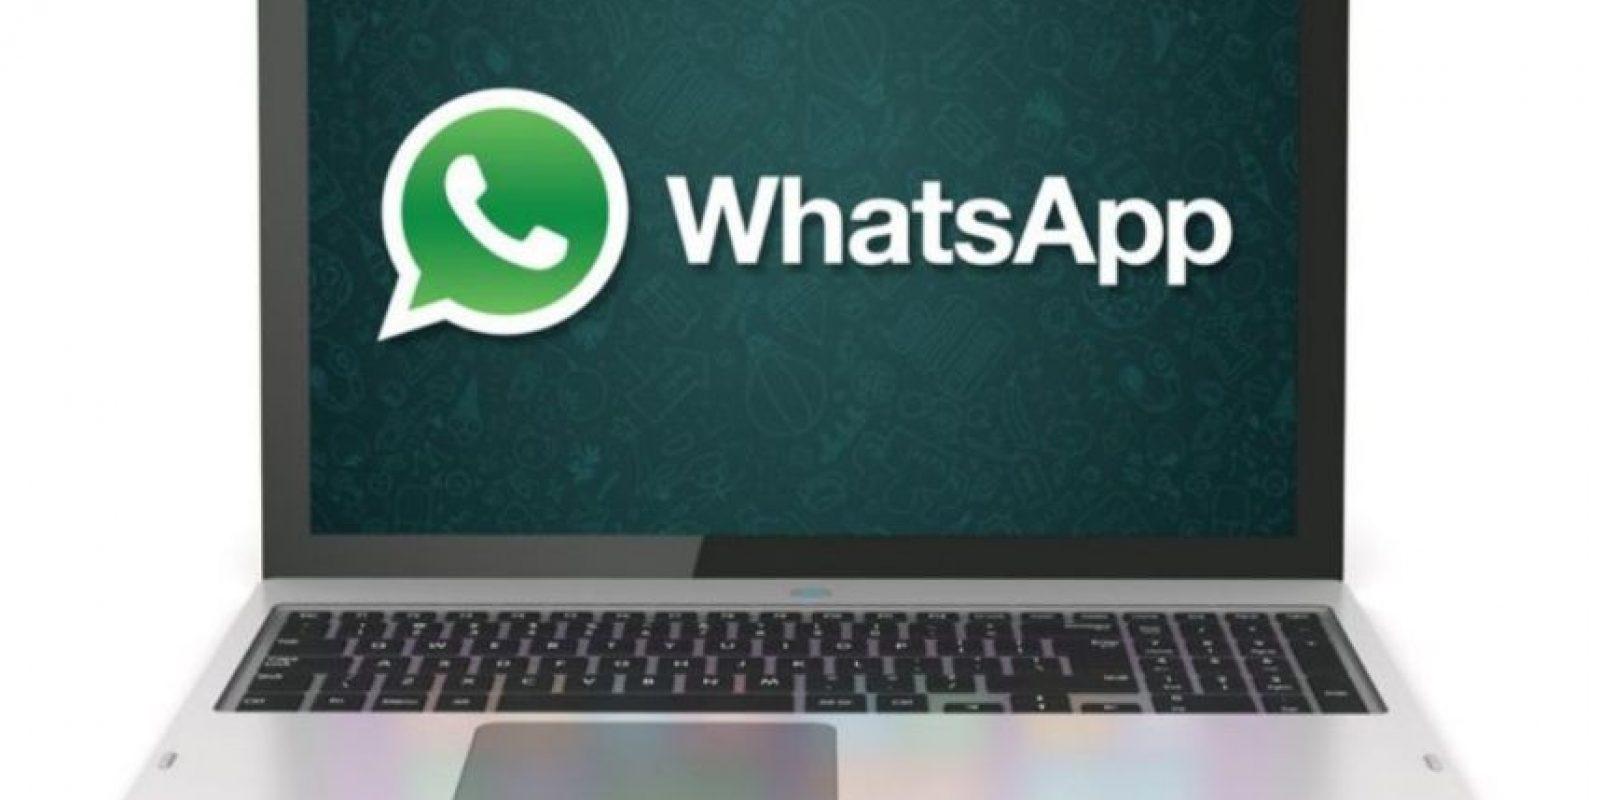 Aunque estén conversando con sus amigos en persona, a cada instante revisan WhatsApp y contestan sus mensajes aunque no pongan atención a lo demás. Foto:Pinterest